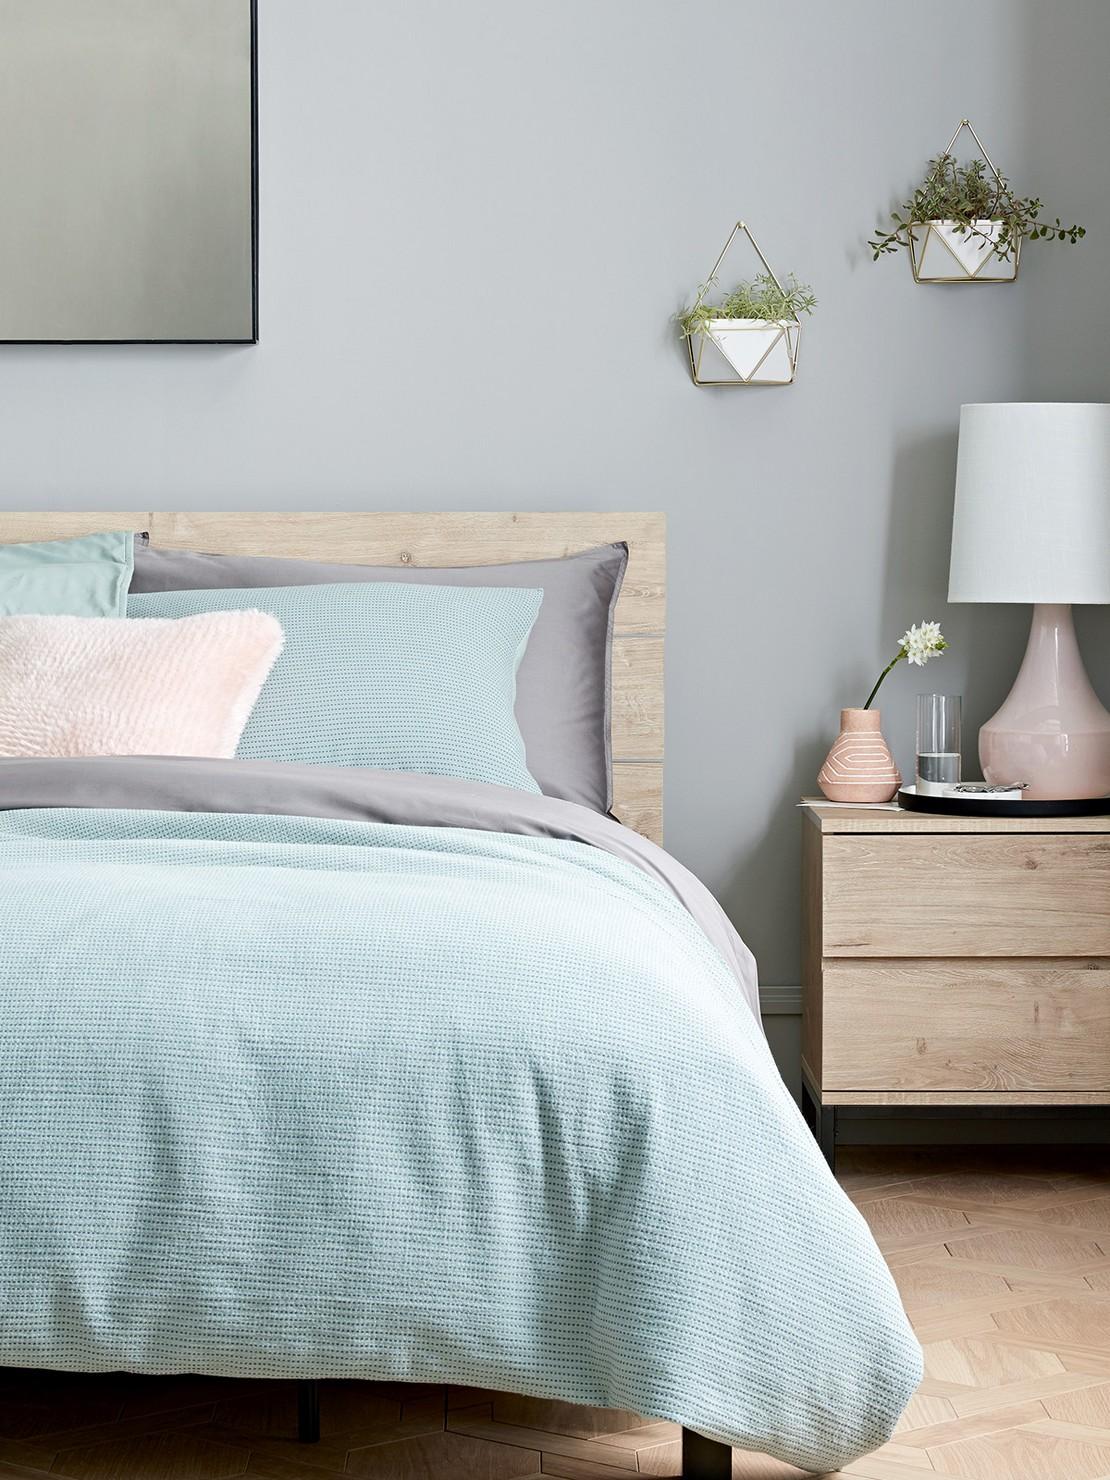 Bedroom Furniture Beds bedroom furniture : target